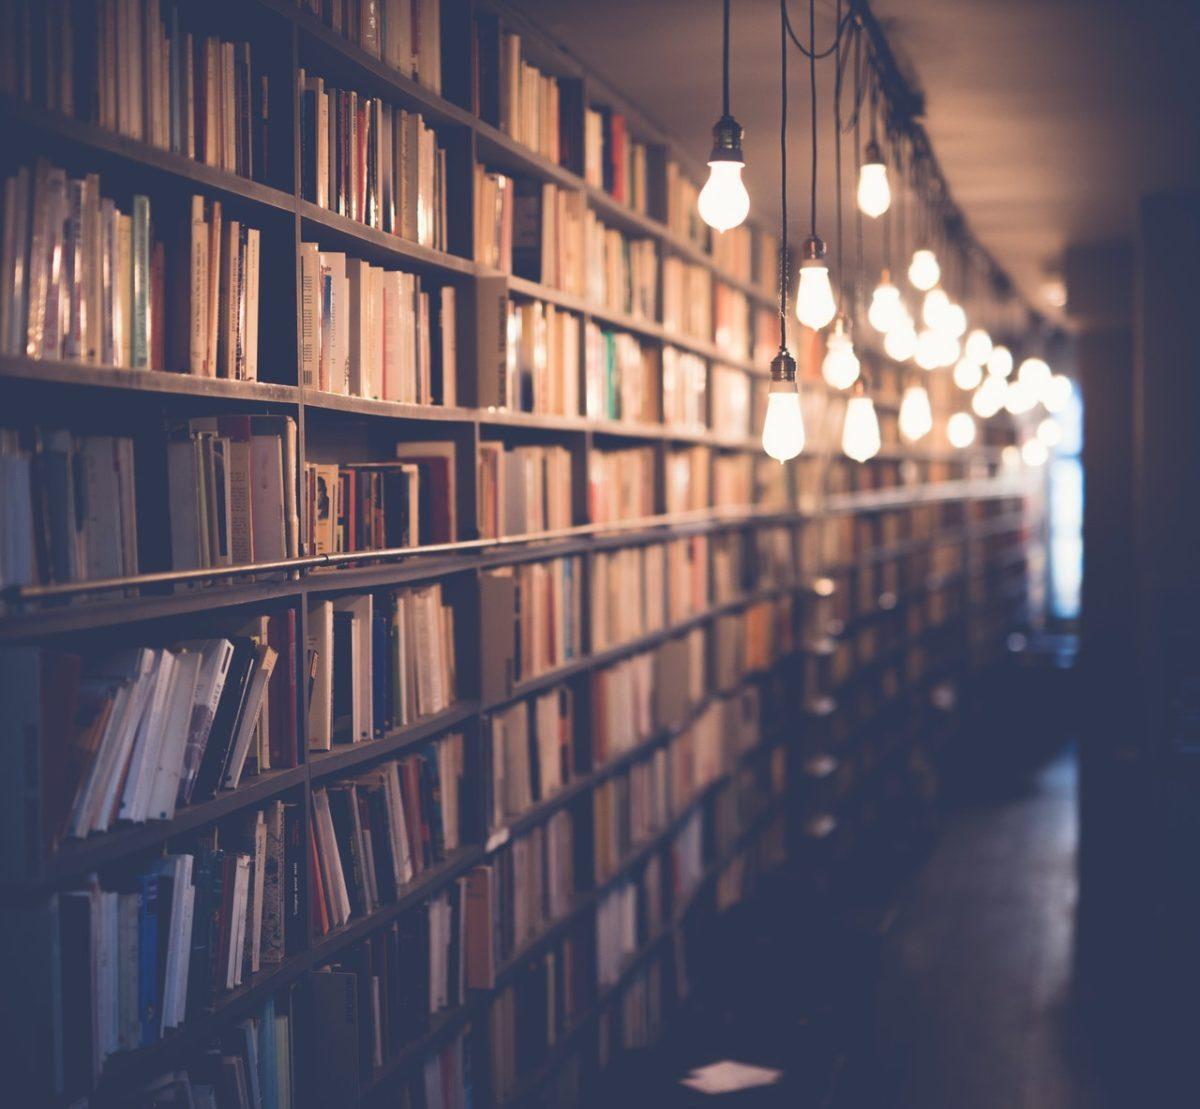 PVアップに貢献してくれる書籍3冊